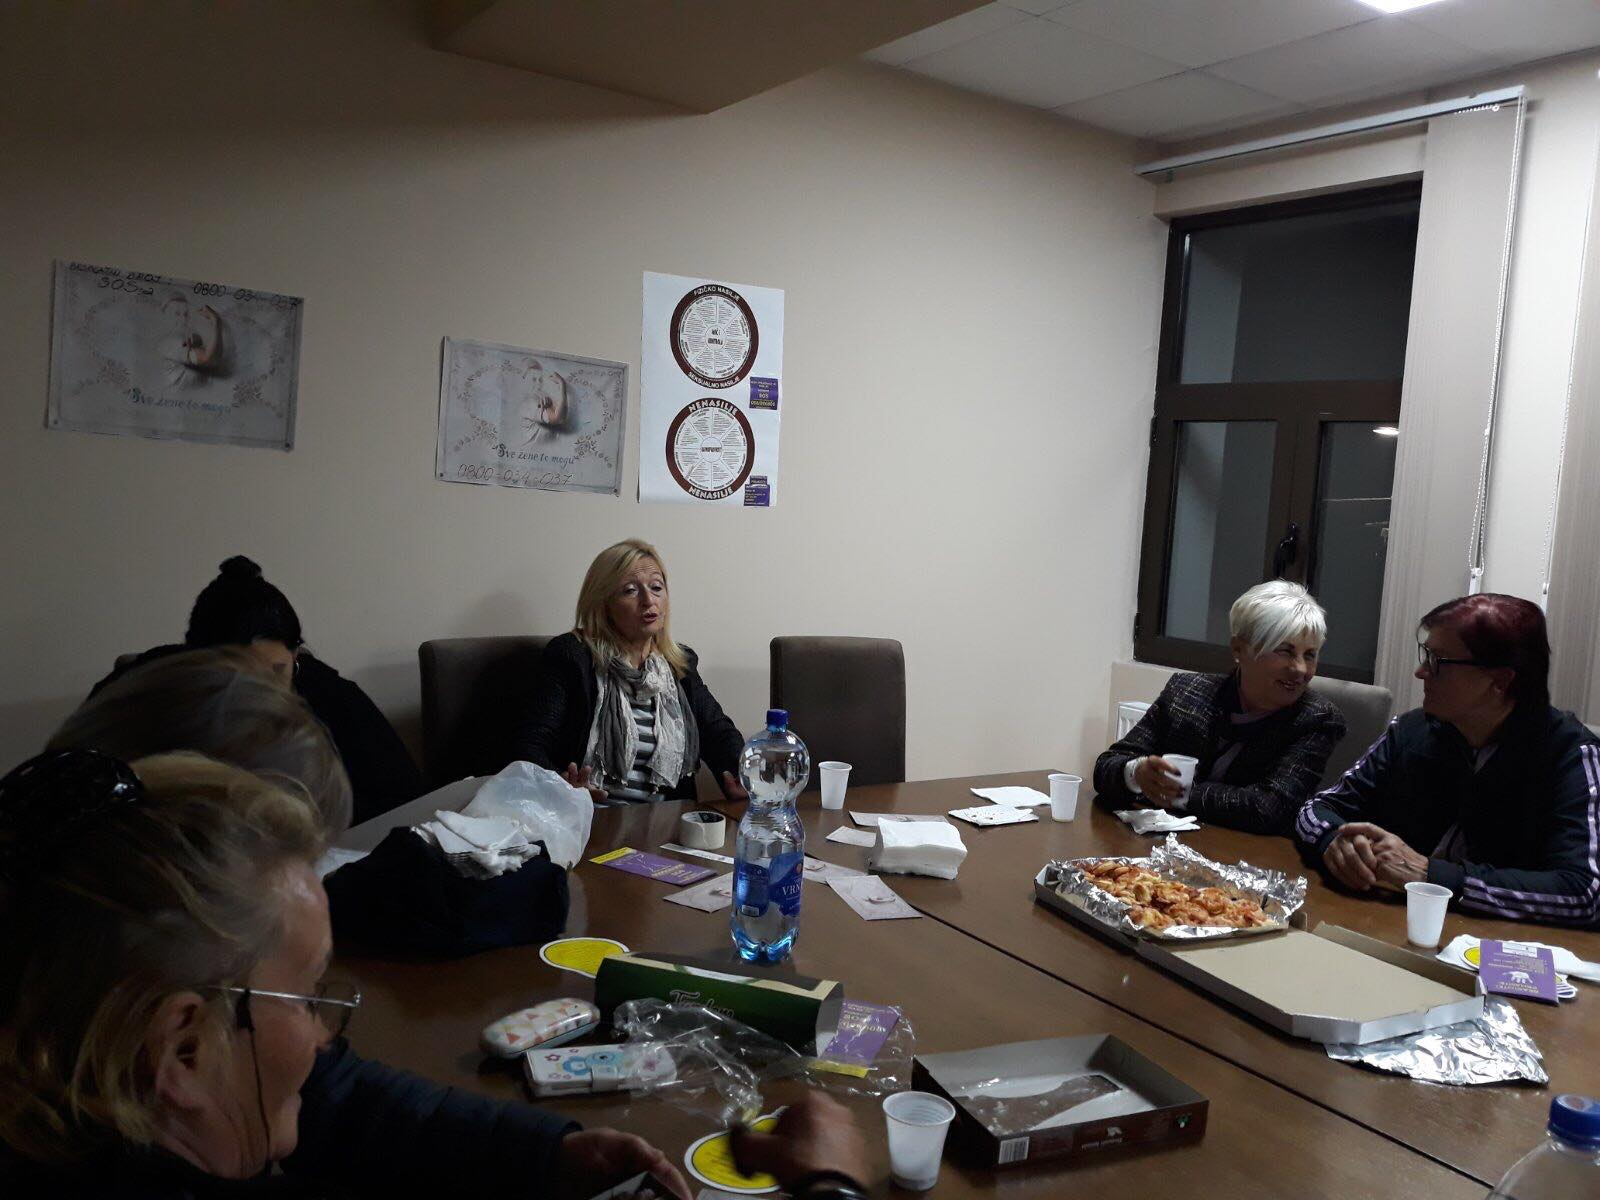 Udruzenje zena Pescanik - Radionice za višestruko marginalizovane žene